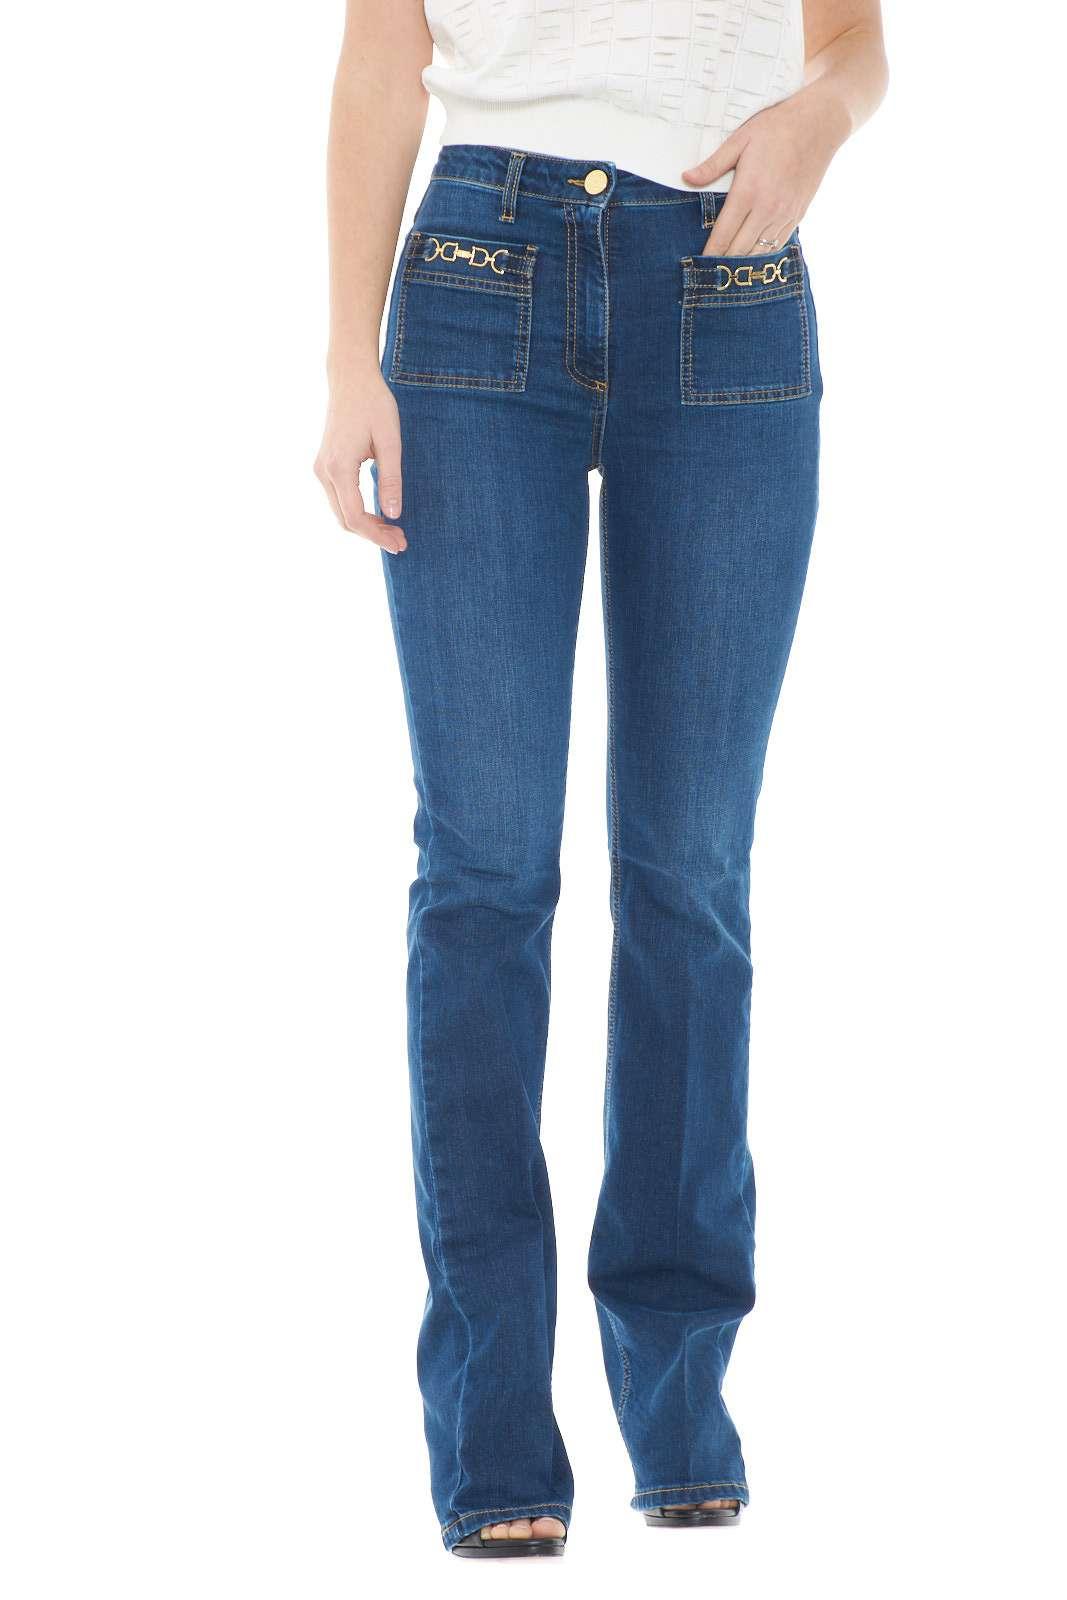 Un'icona senza tempo il jeans firmato dalla collezione donna Elisabetta Franchi. I dettagli oro light lo definiscono e rendono particolare il lavaggio pulito. Il modello bootcut lo rende ideale per donare un tocco formale ad una capo senza tempo.